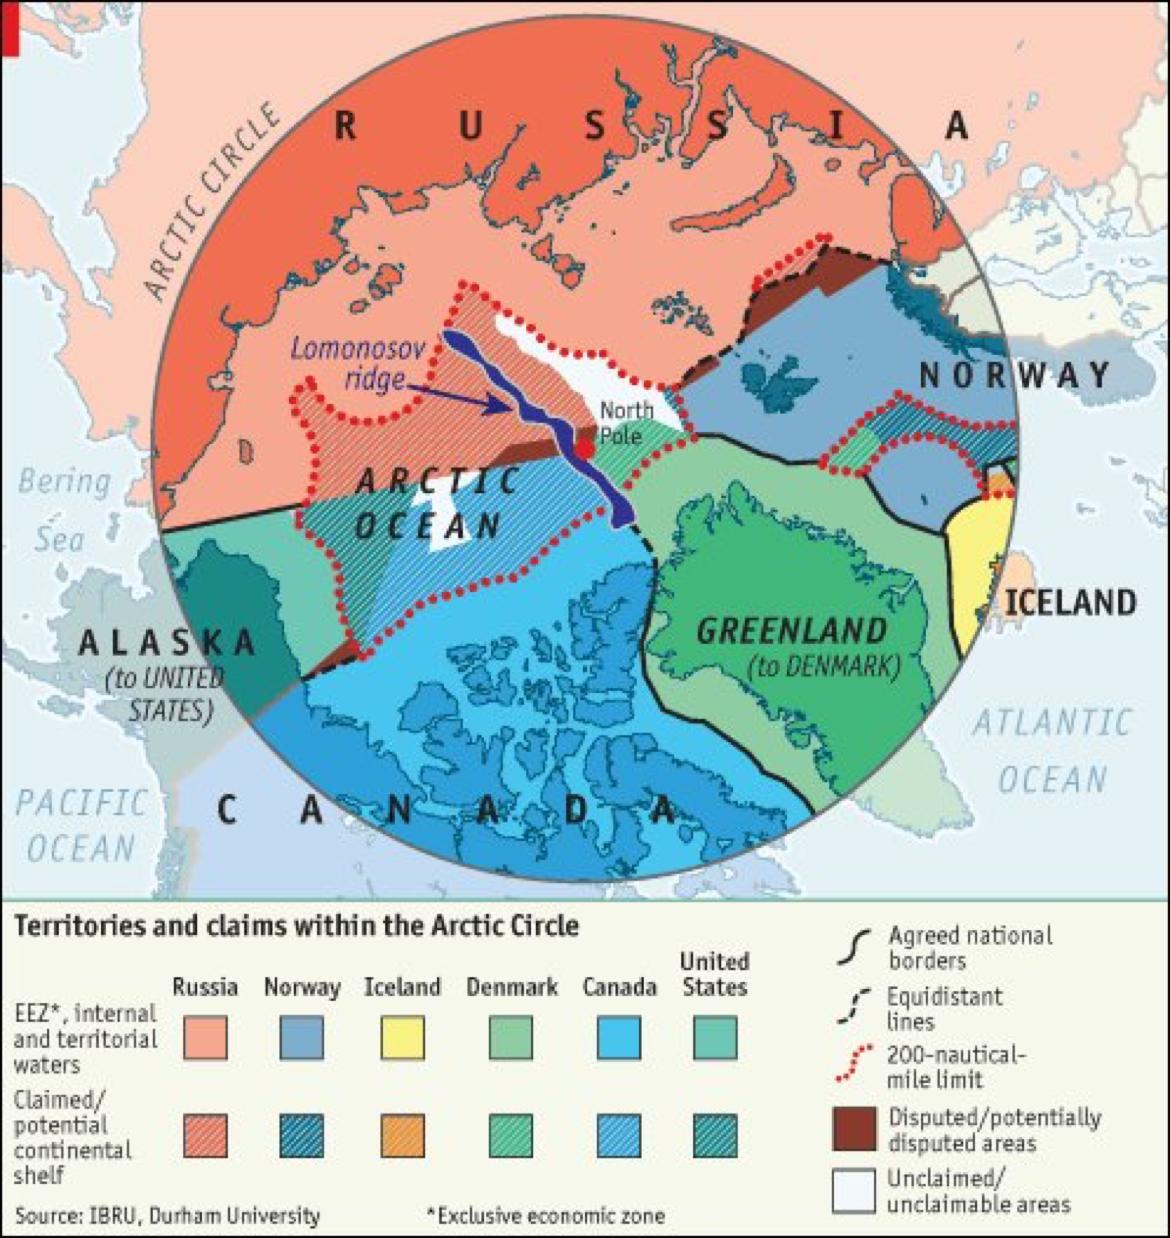 Los reclamos y disputas territoriales en el Ártico, vía @TheEconomist @elOrdenMundial